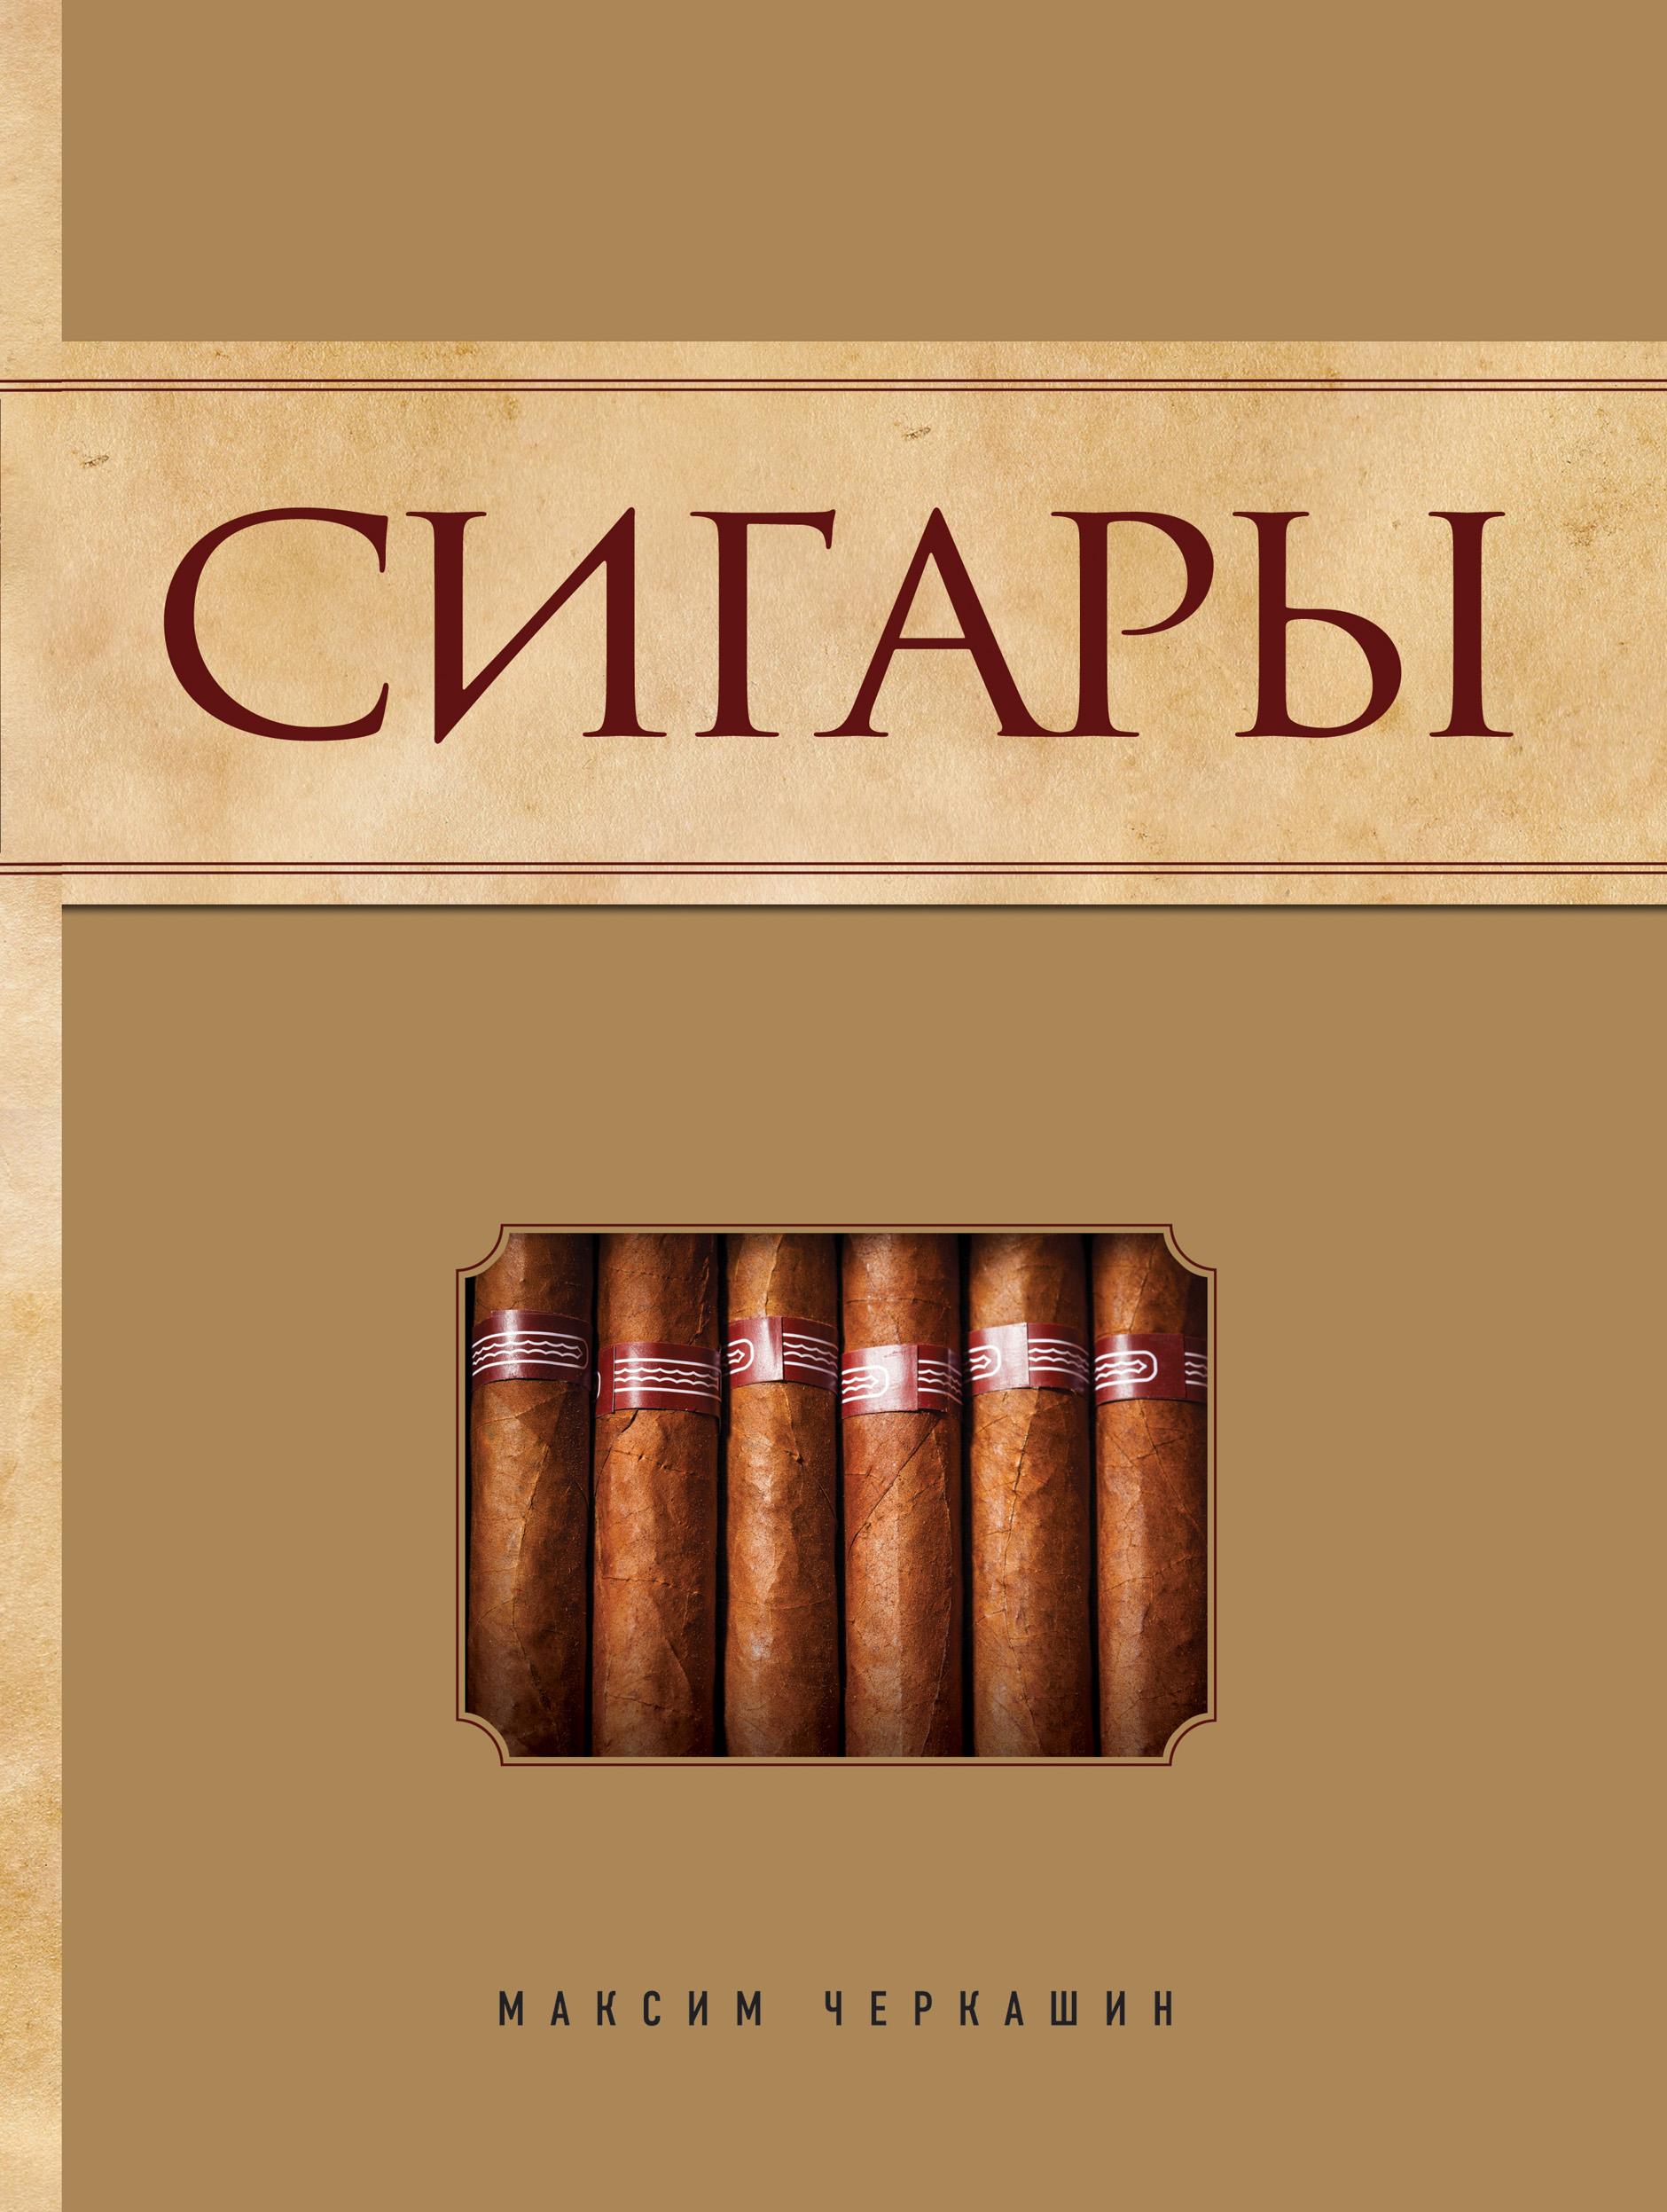 Сигары [2]